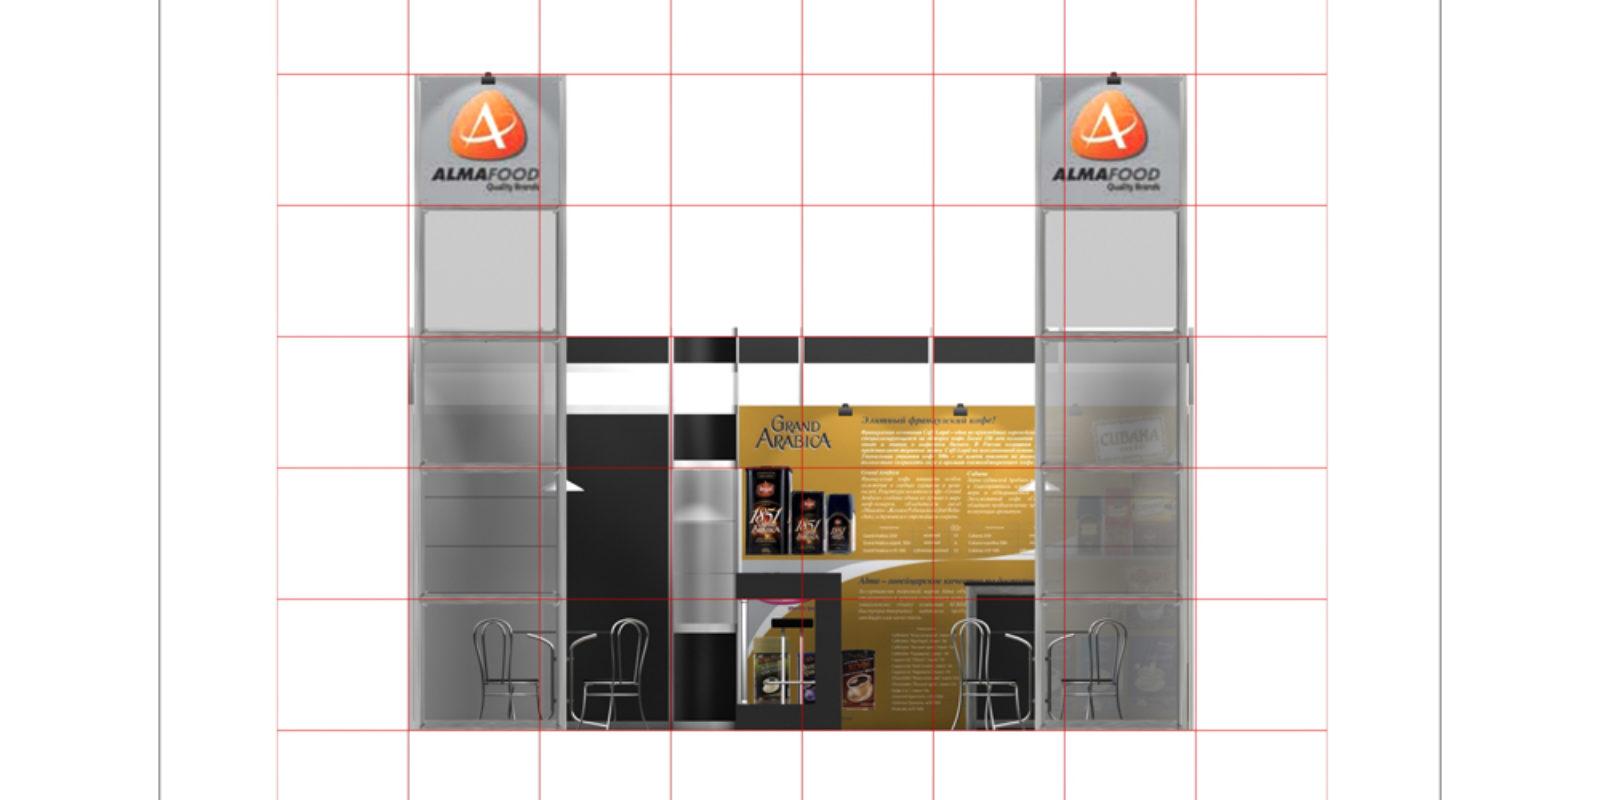 Дизайн проект выставочного стенда Алмафуд (AlmaFood).